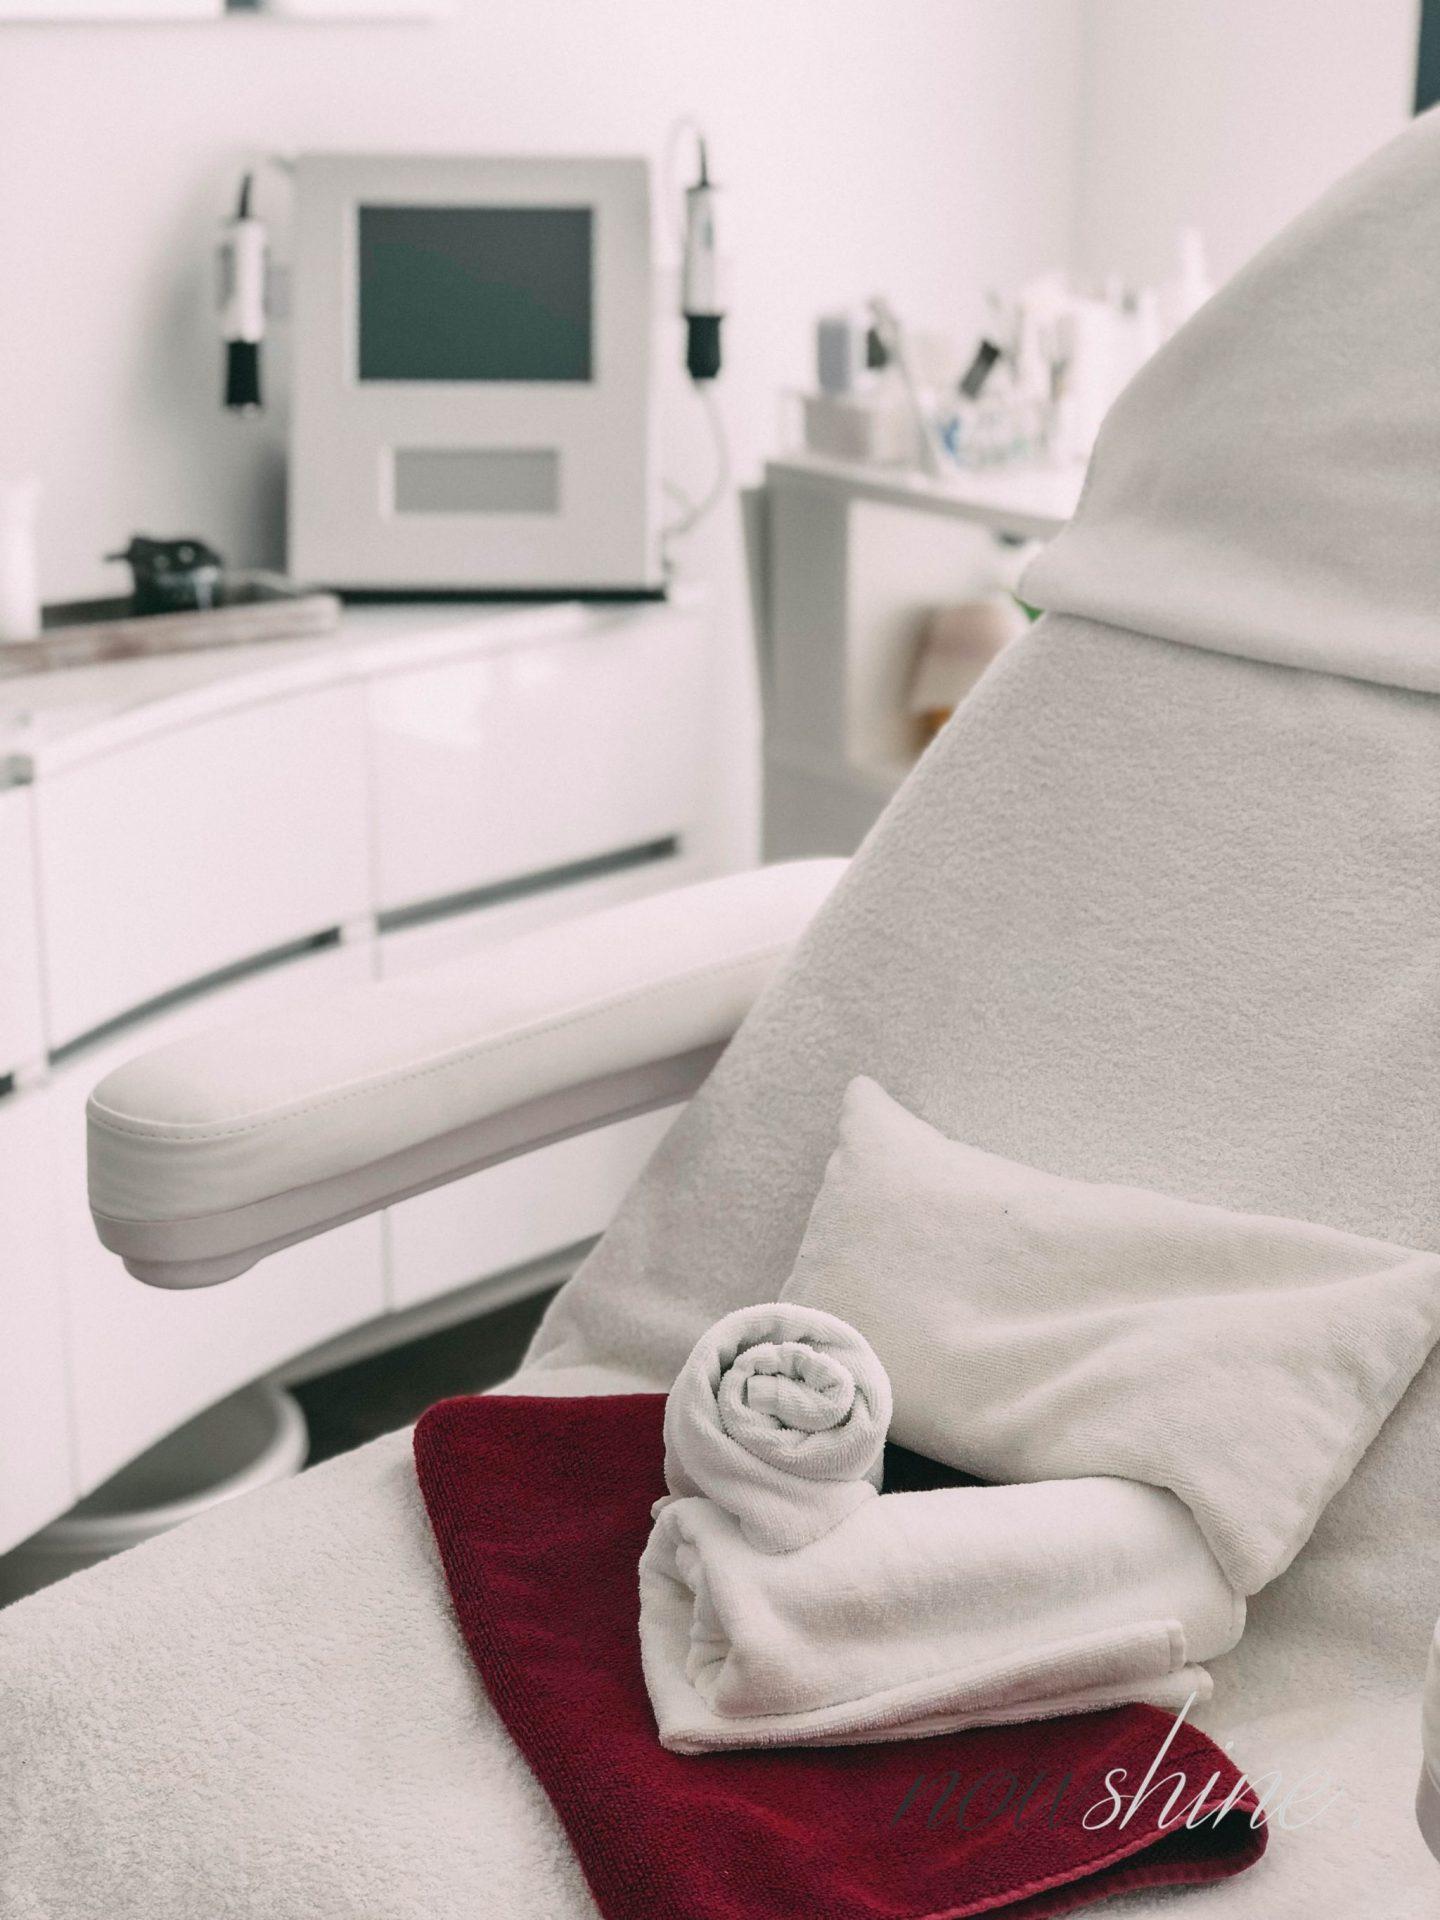 Gutschein für WELLMAXX bodystyle-lymphaktivierende-massage-koerperstraffung-erfahrungen-sunpoint - nowshine ü40 blog